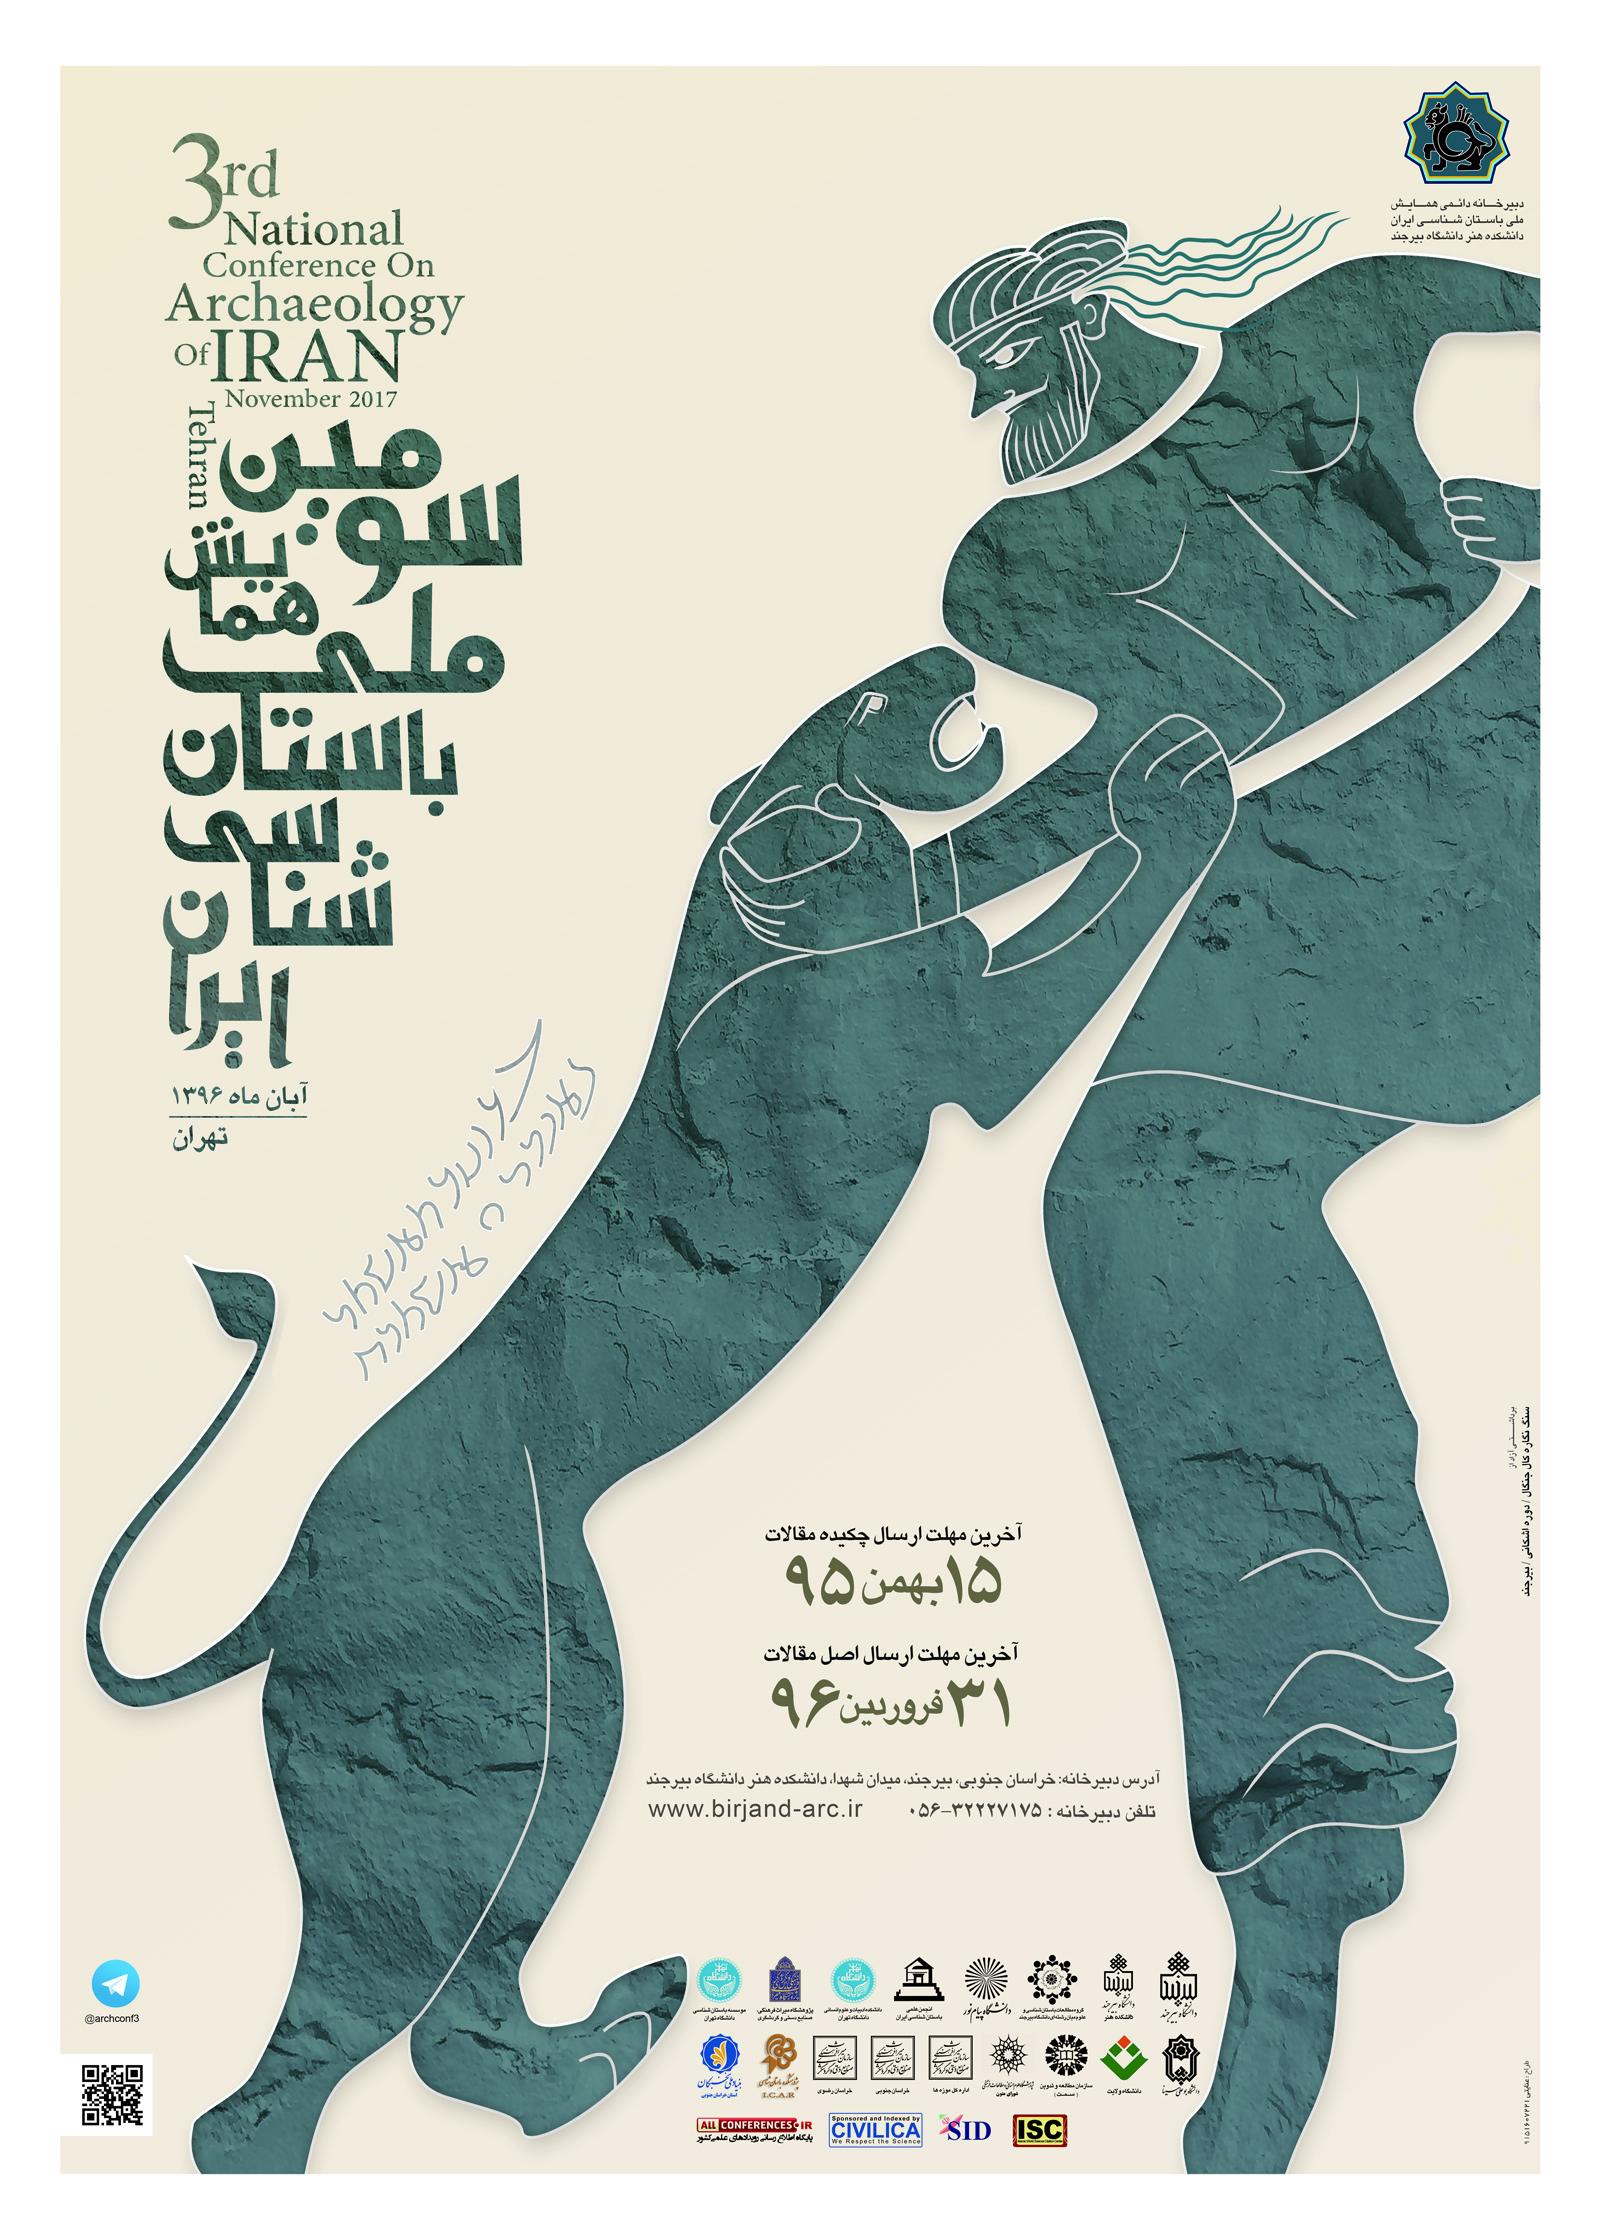 سامانه دریافت مقالات سومین همایش ملی باستان شناسی ایران